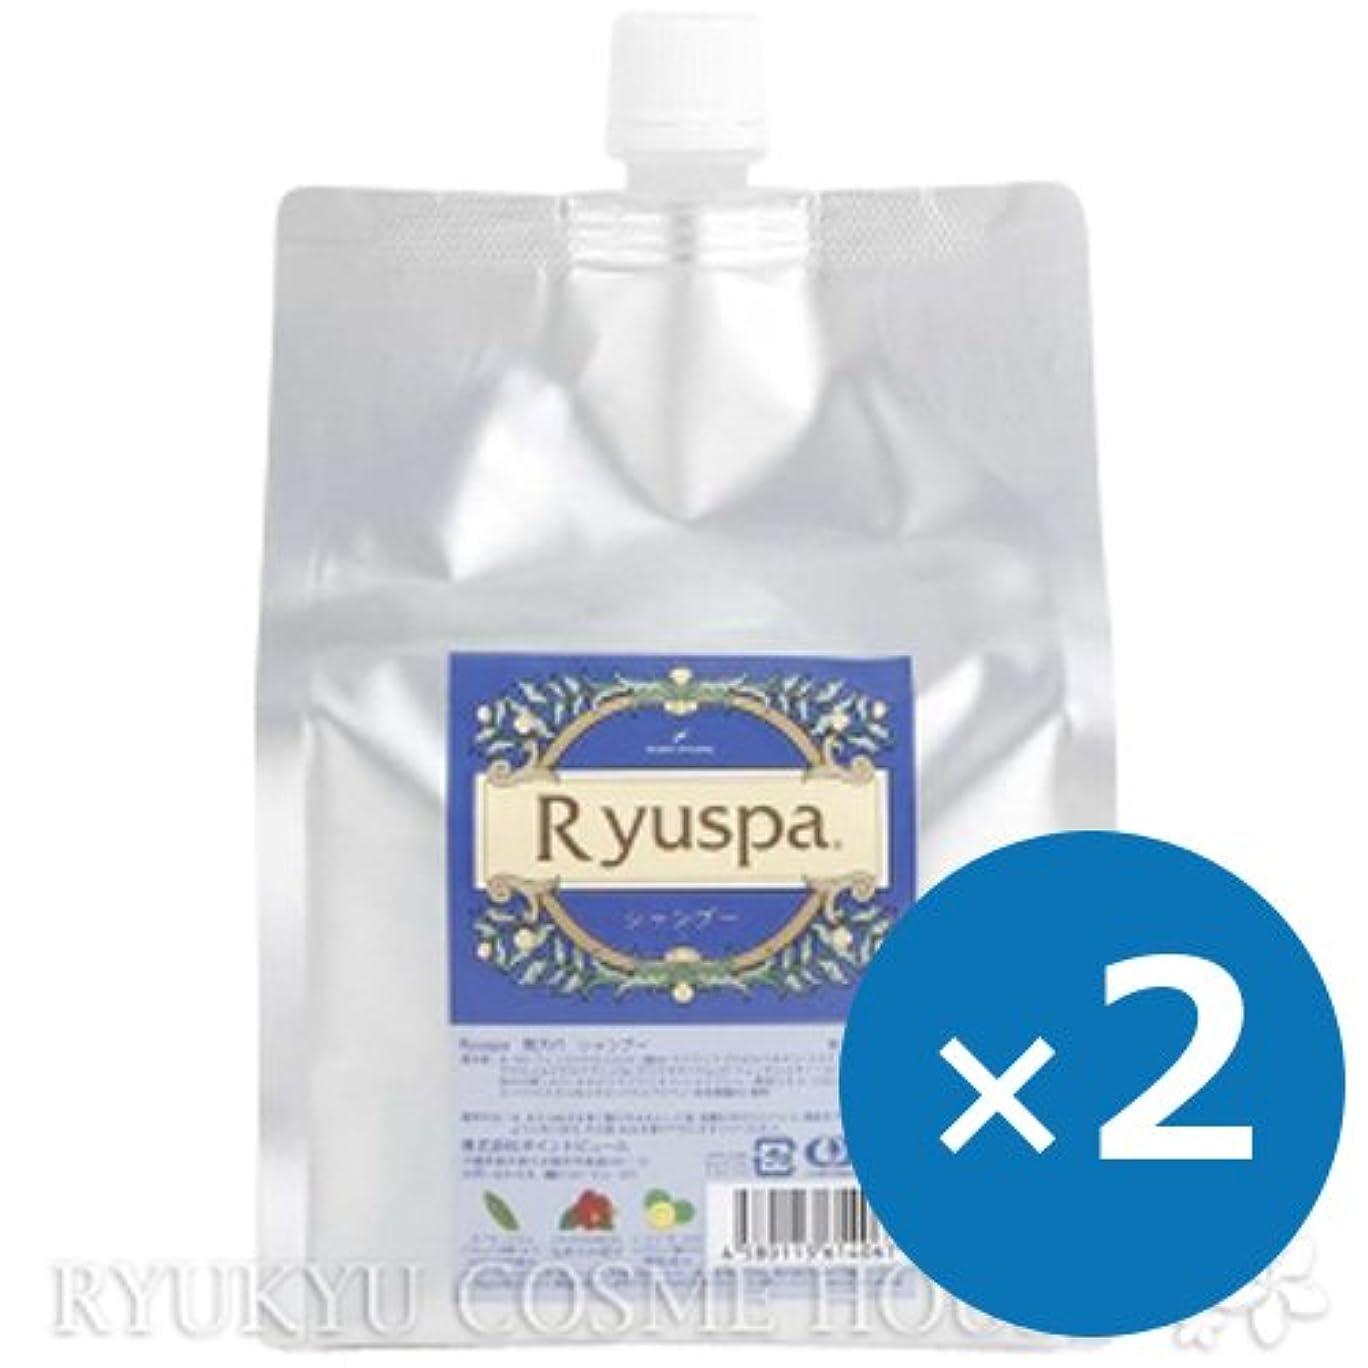 適切な悪化する生産性Ryuspa リュウスパ シャンプー 詰め替え用 1000ml×2個